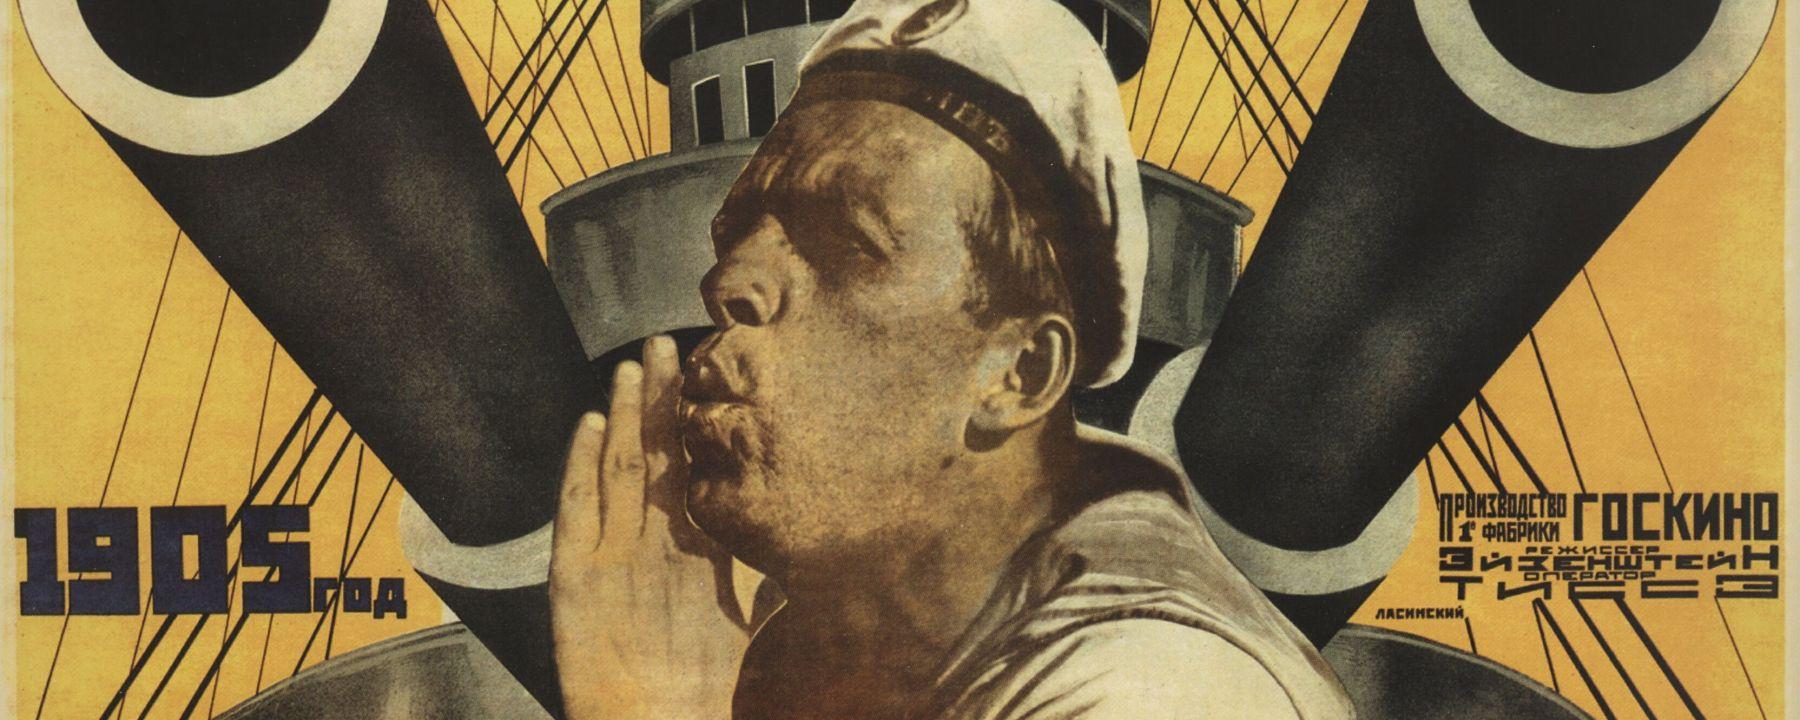 1925 el acorazado potemkin rus 01